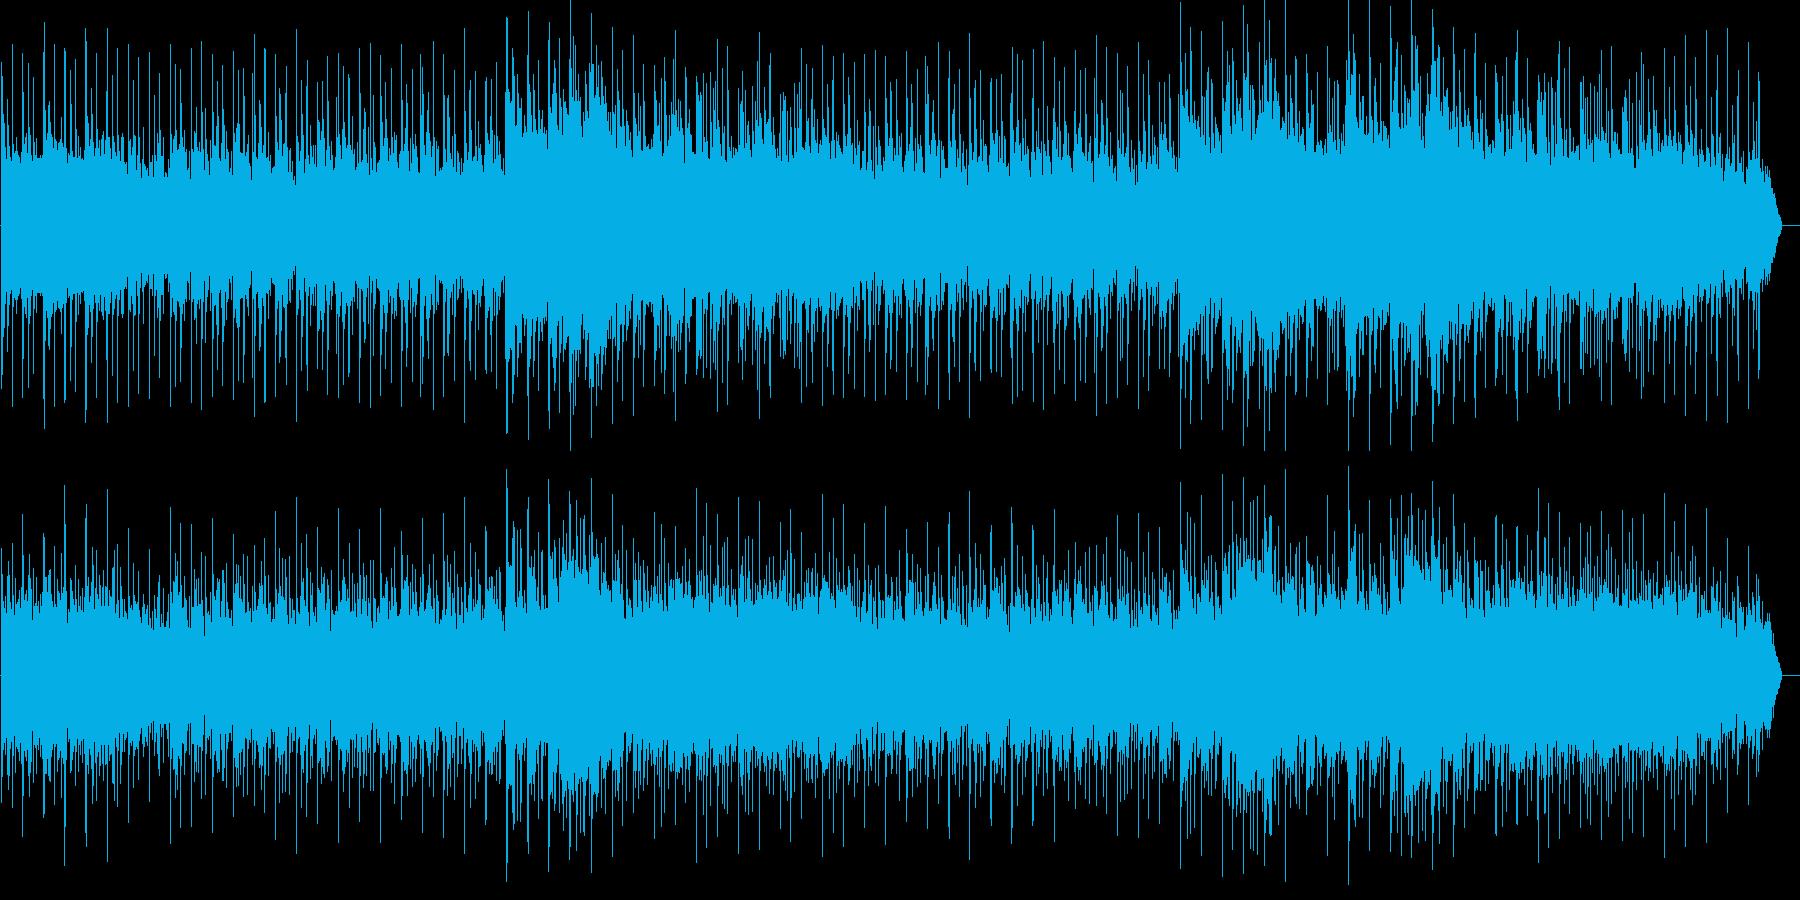 大草原に立つライオンのようなイメージの再生済みの波形